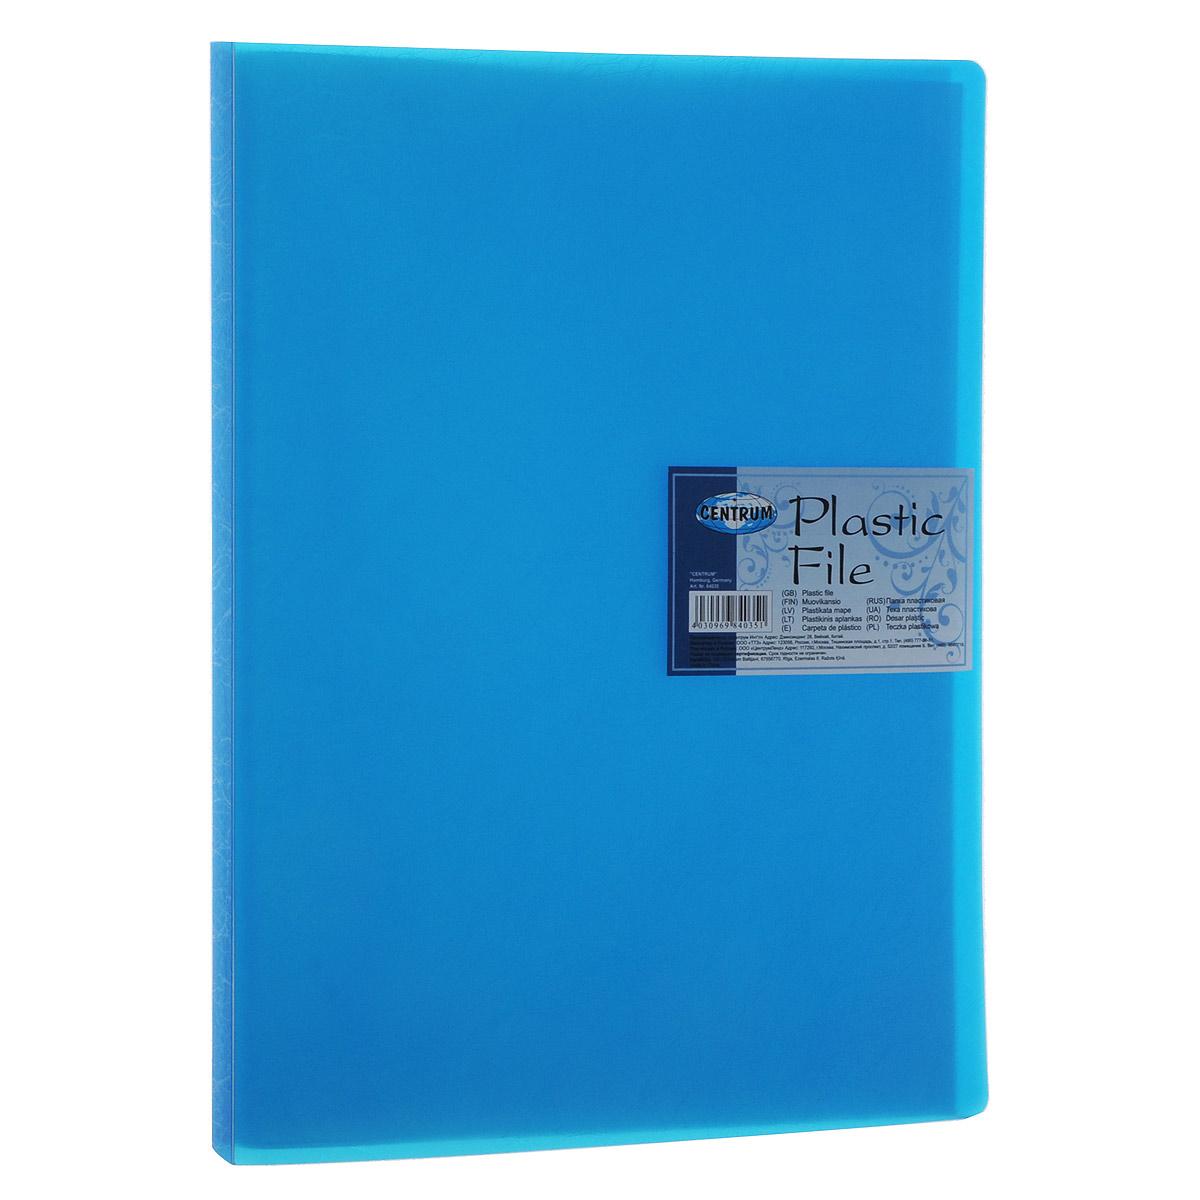 Centrum Папка с файлами Soft Touch 20 листов цвет синий84035Папка Centrum Soft Touch с 20 прозрачными вкладышами-файлами предназначена для хранения и презентации документов формата А4. Папка изготовлена из полупрозрачного фактурного пластика, благодаря чему документы, помещенные в нее, будут надежно защищены. Прочное соединение папки и вкладышей обеспечено за счет их лазерной сварки. Углы папки закруглены. Папка надежно сохранит ваши документы и сбережет их от повреждений, пыли и влаги.